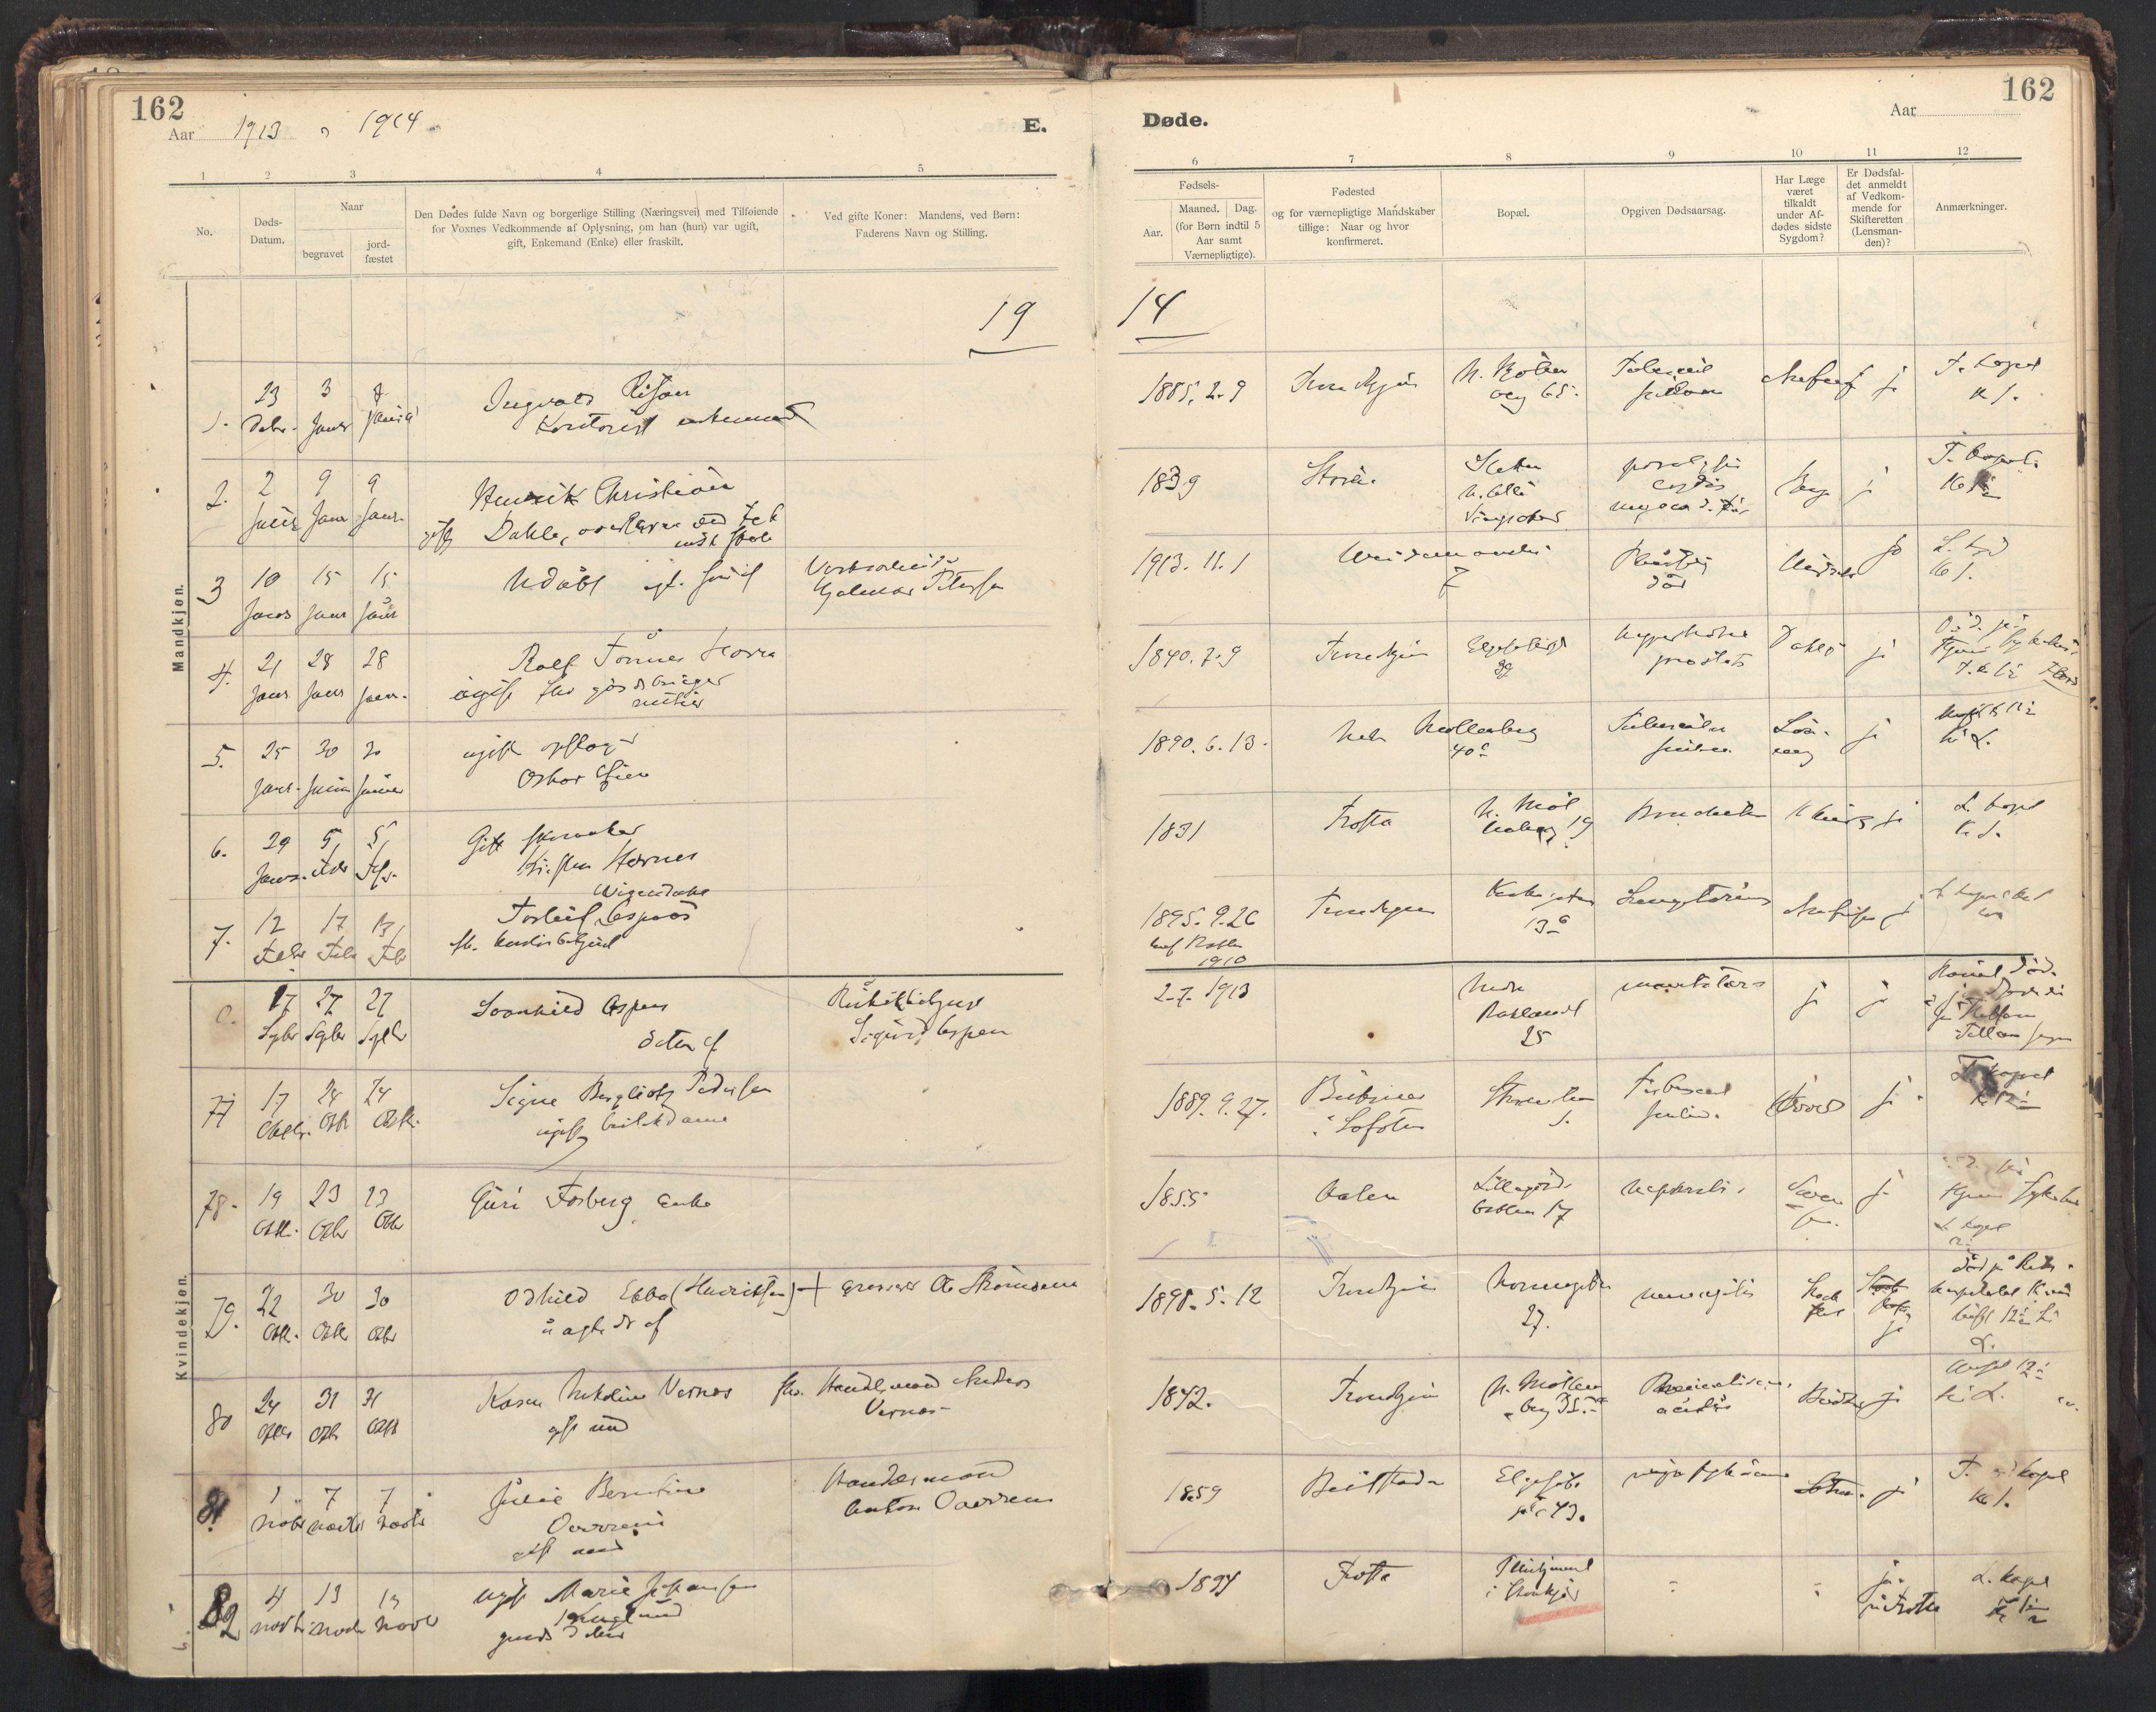 SAT, Ministerialprotokoller, klokkerbøker og fødselsregistre - Sør-Trøndelag, 604/L0204: Ministerialbok nr. 604A24, 1911-1920, s. 162